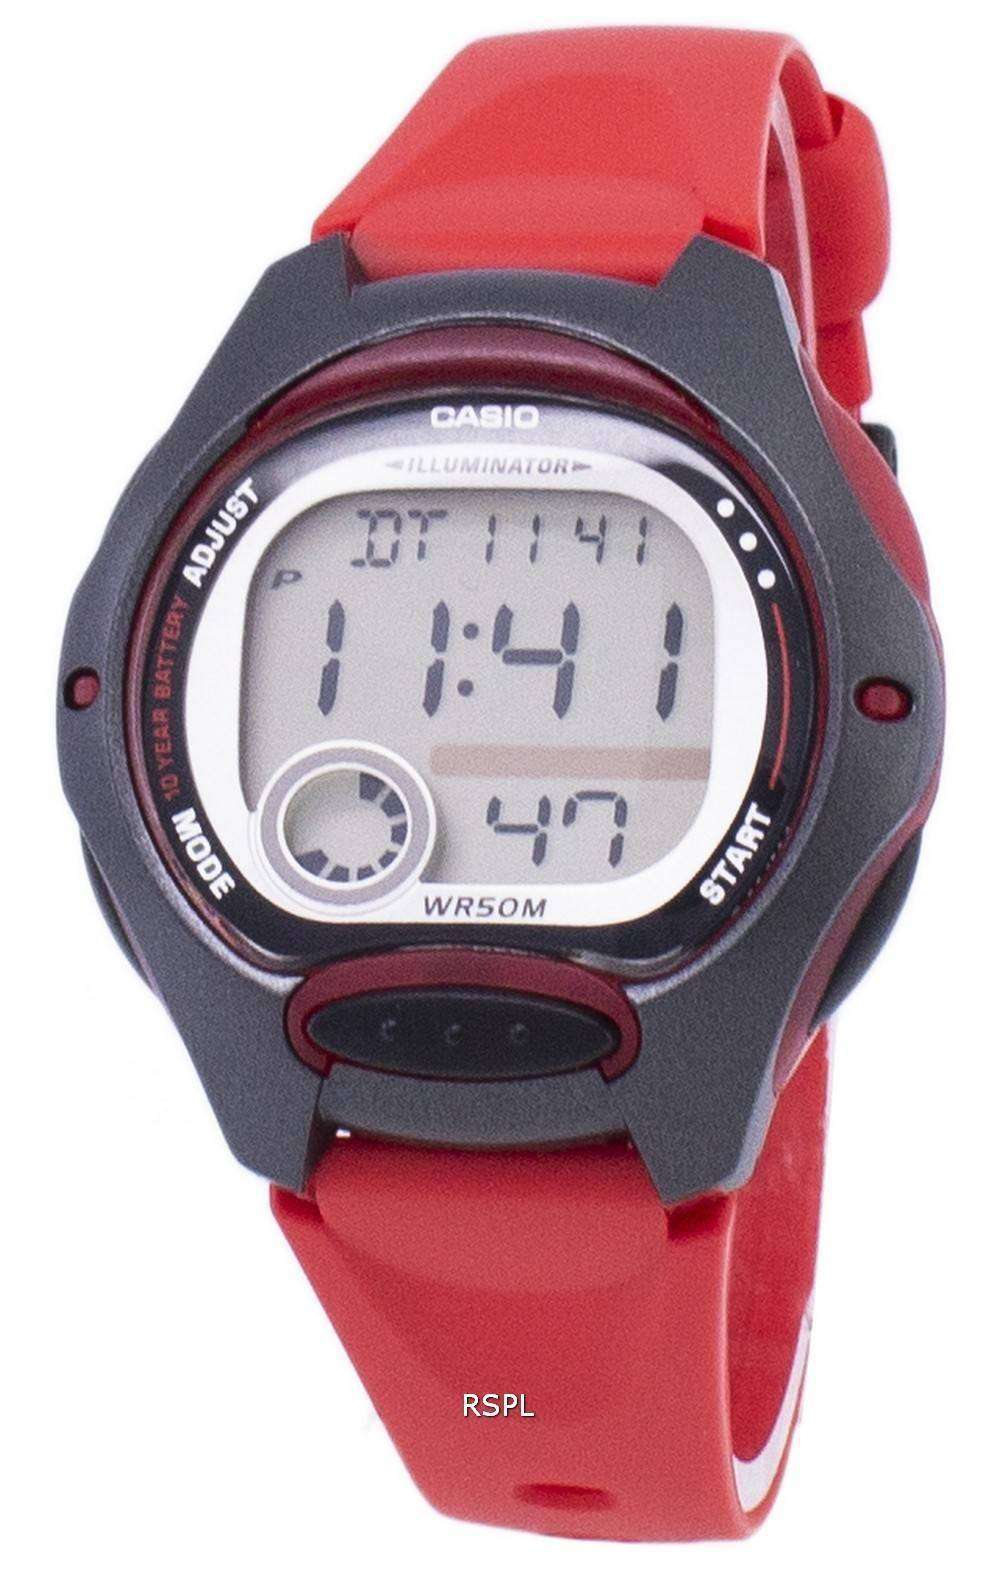 Casio Digital deportes iluminador LW-200-4AVDF reloj de mujeres ... 0b3aedcf359e